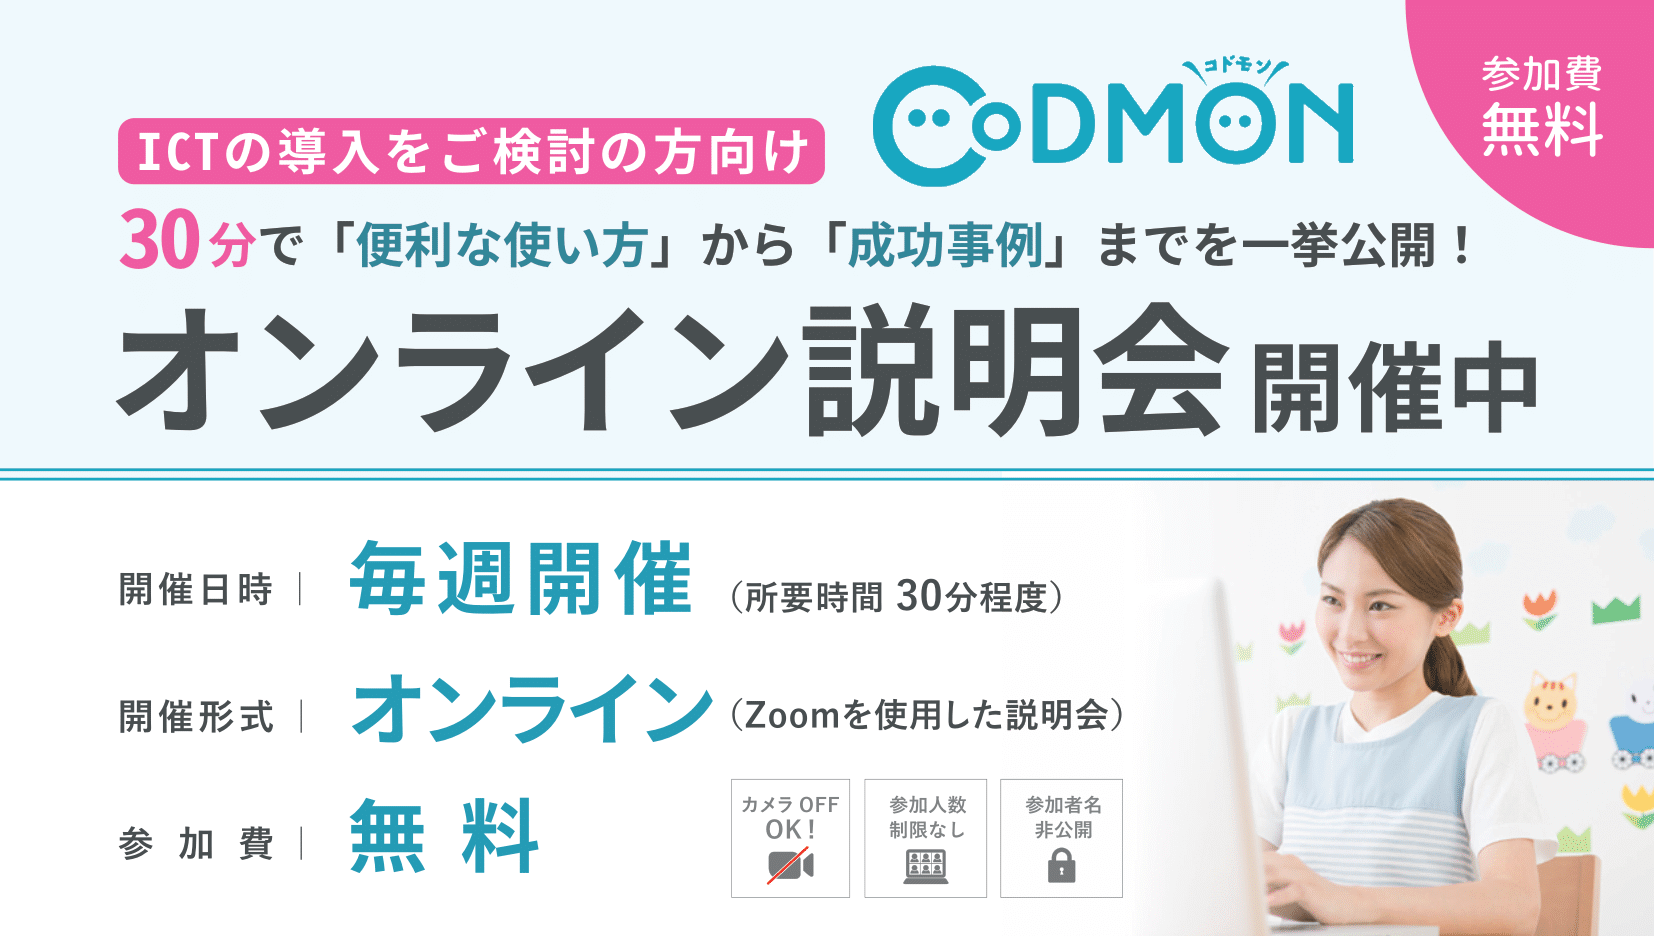 ICTの導入をご検討の方向け CODOMON オンライン説明会開催中